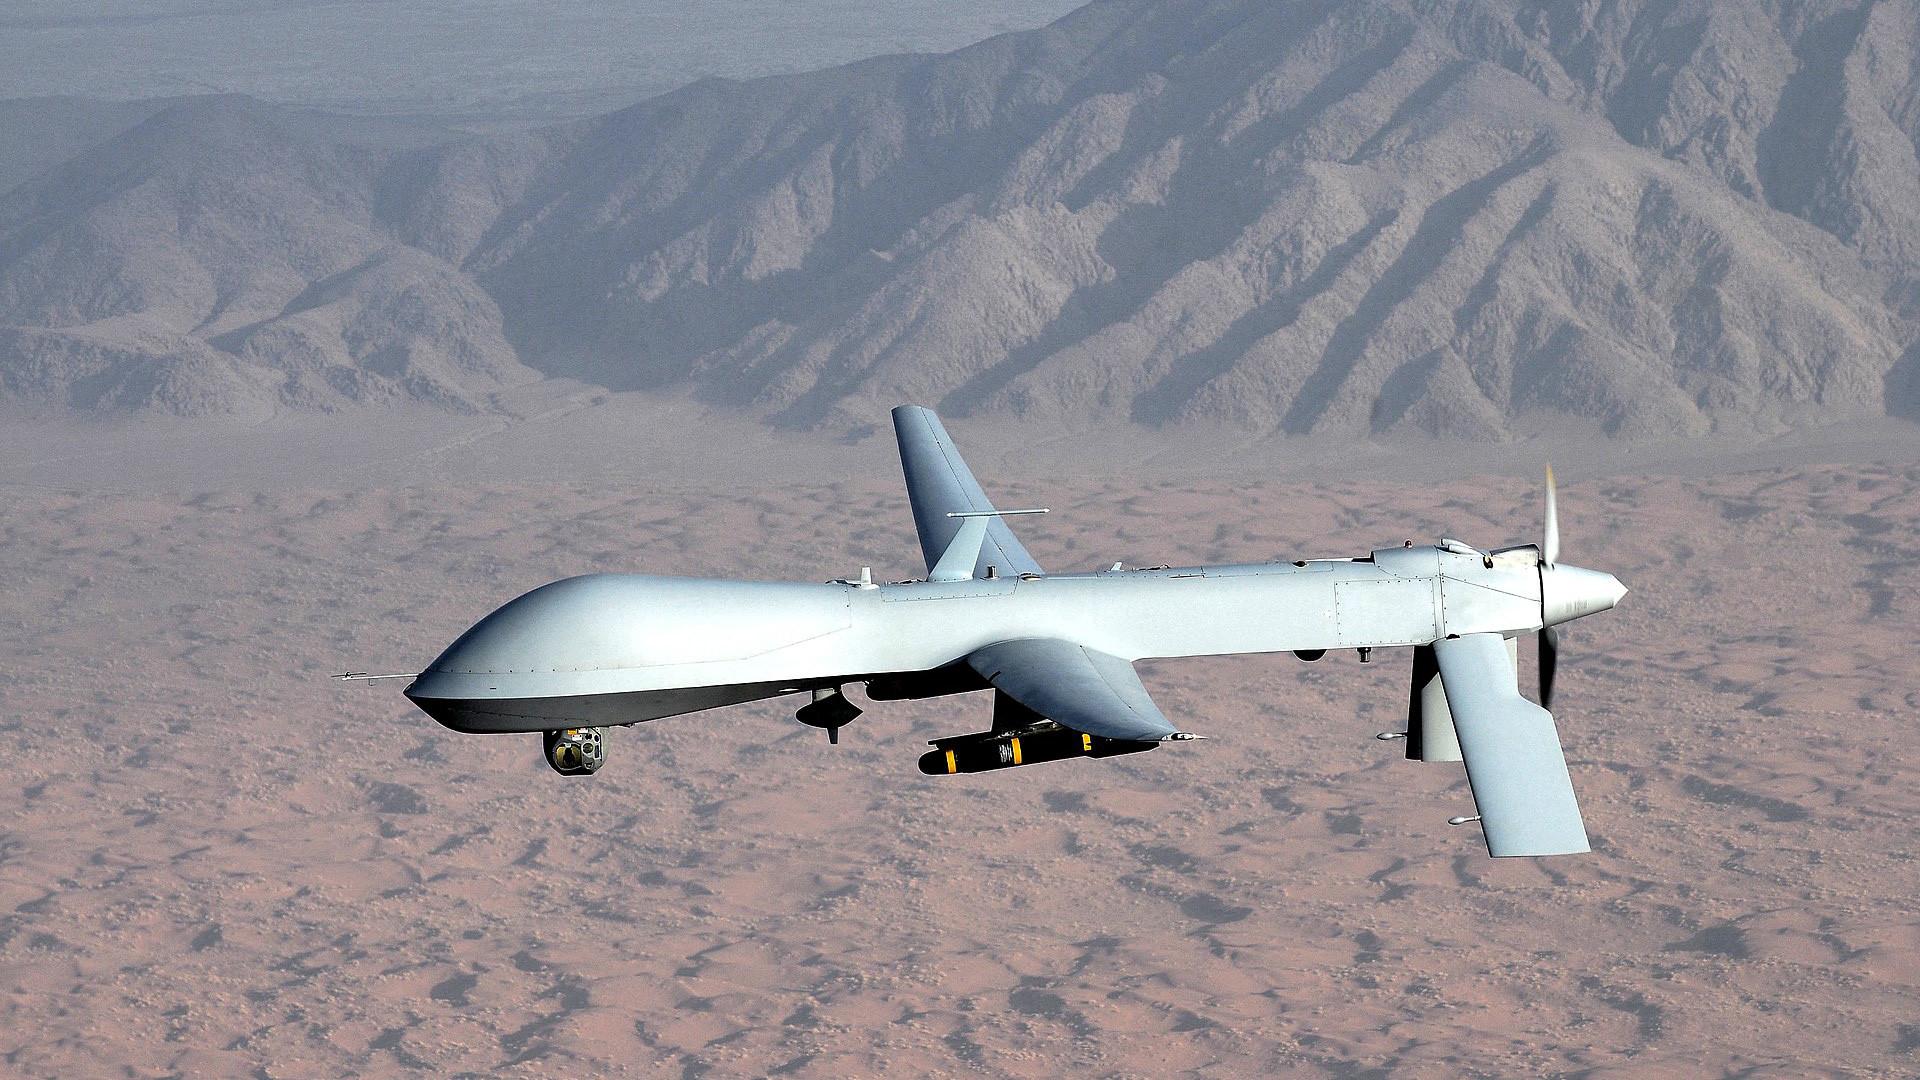 Oficiais da Força Aérea estão buscando voluntários para treinamento de operadores da aeronave não tripulada MQ-1